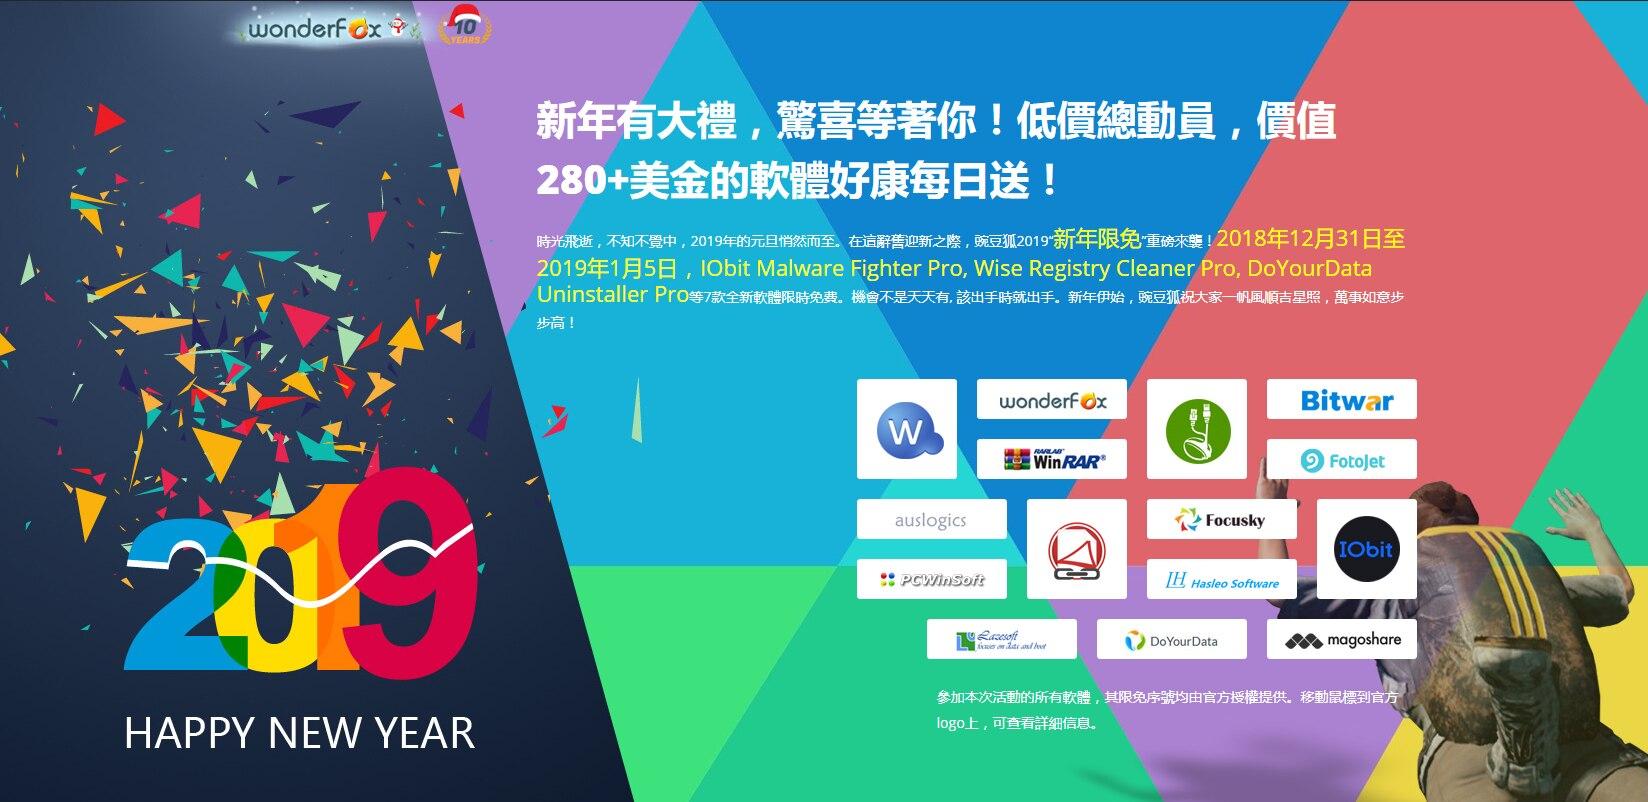 『新年活动』 WonderFox: 价值 280+ 美元的超级限免软件大礼包